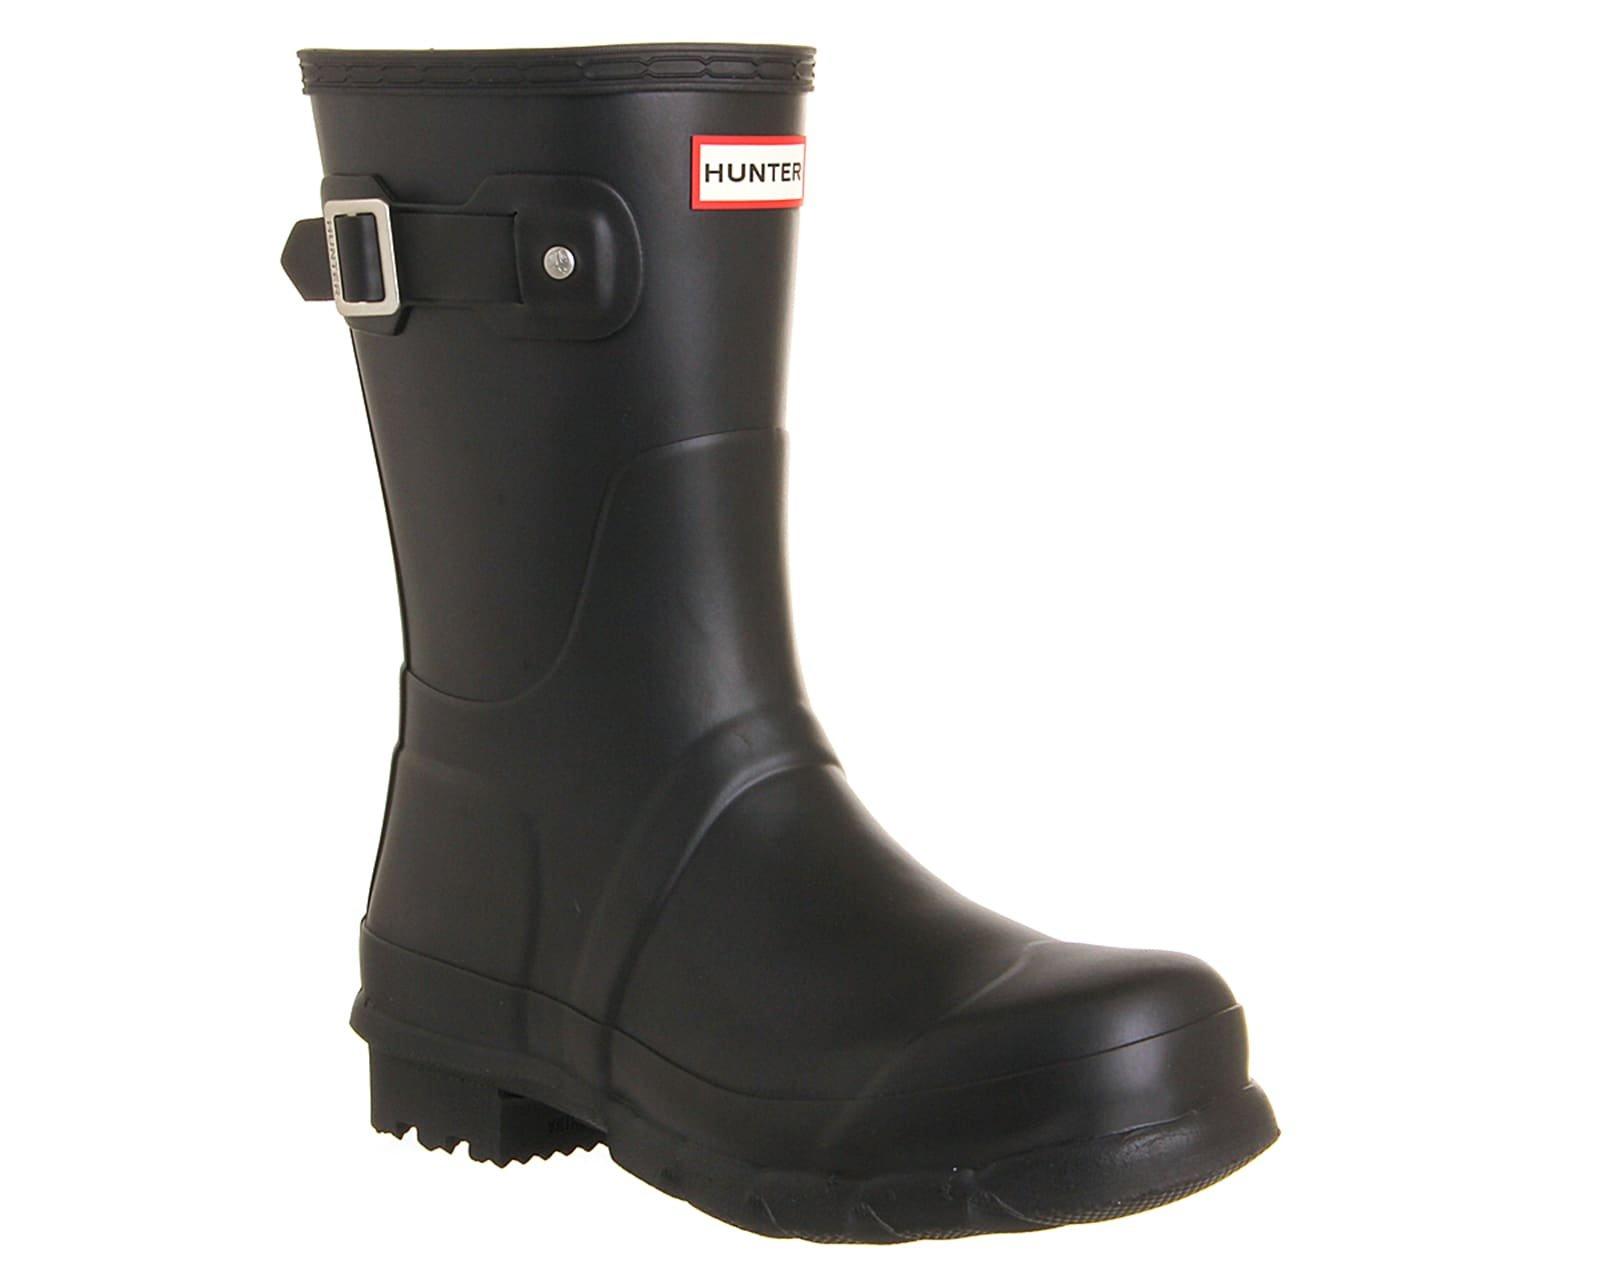 Hunter Boots Men's Original Short Boots, Black, 13 D(M) US